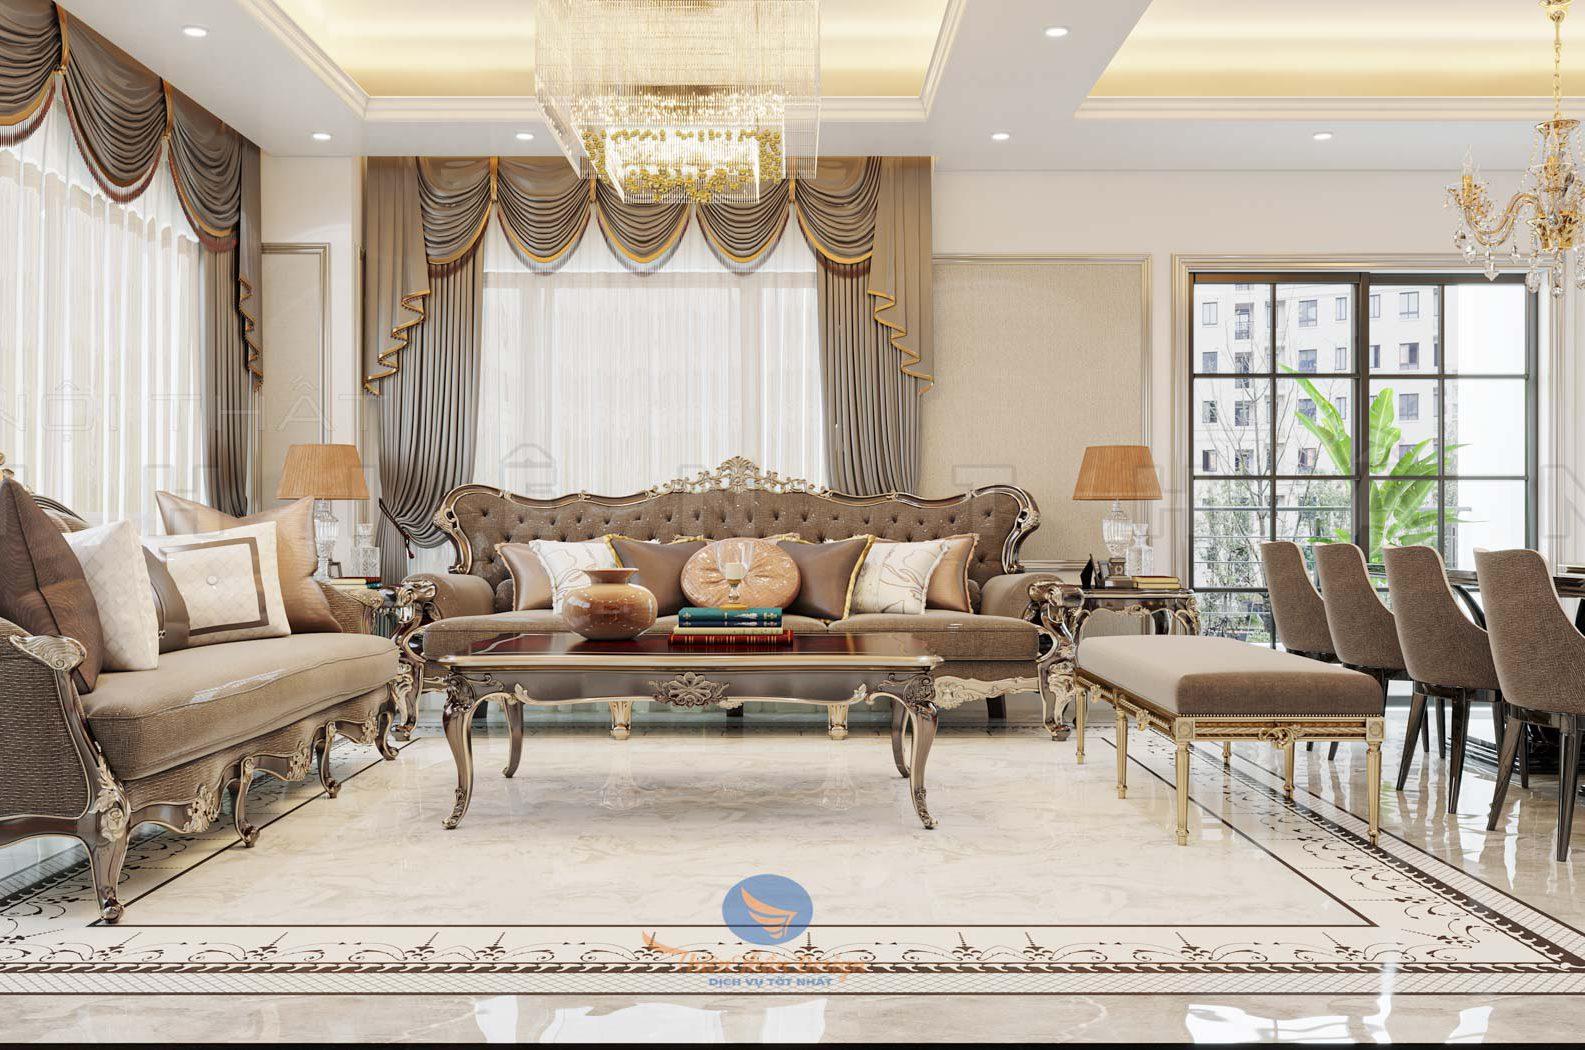 thiết kế nội thất căn hộ chung cư 150m2 splendora an khánh tân cổ điển đẹp nhất việt namt